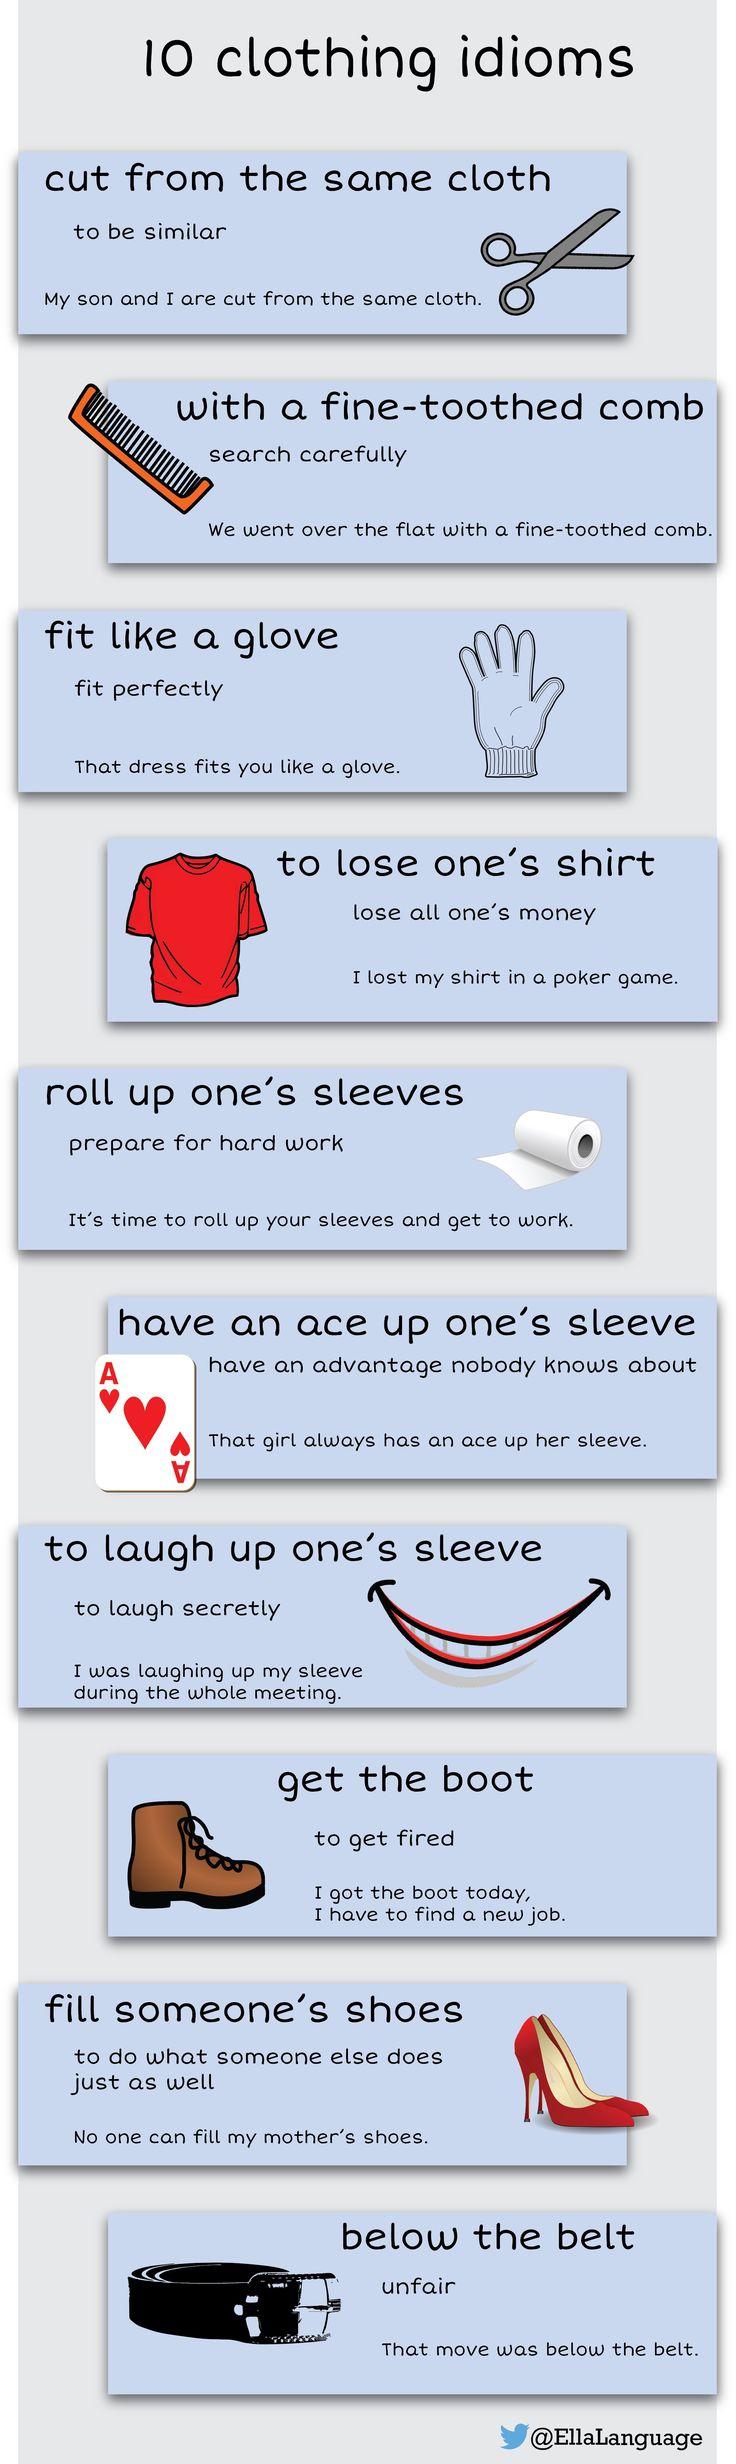 10 clothing idioms #idioms #ESL #ELT #infographic